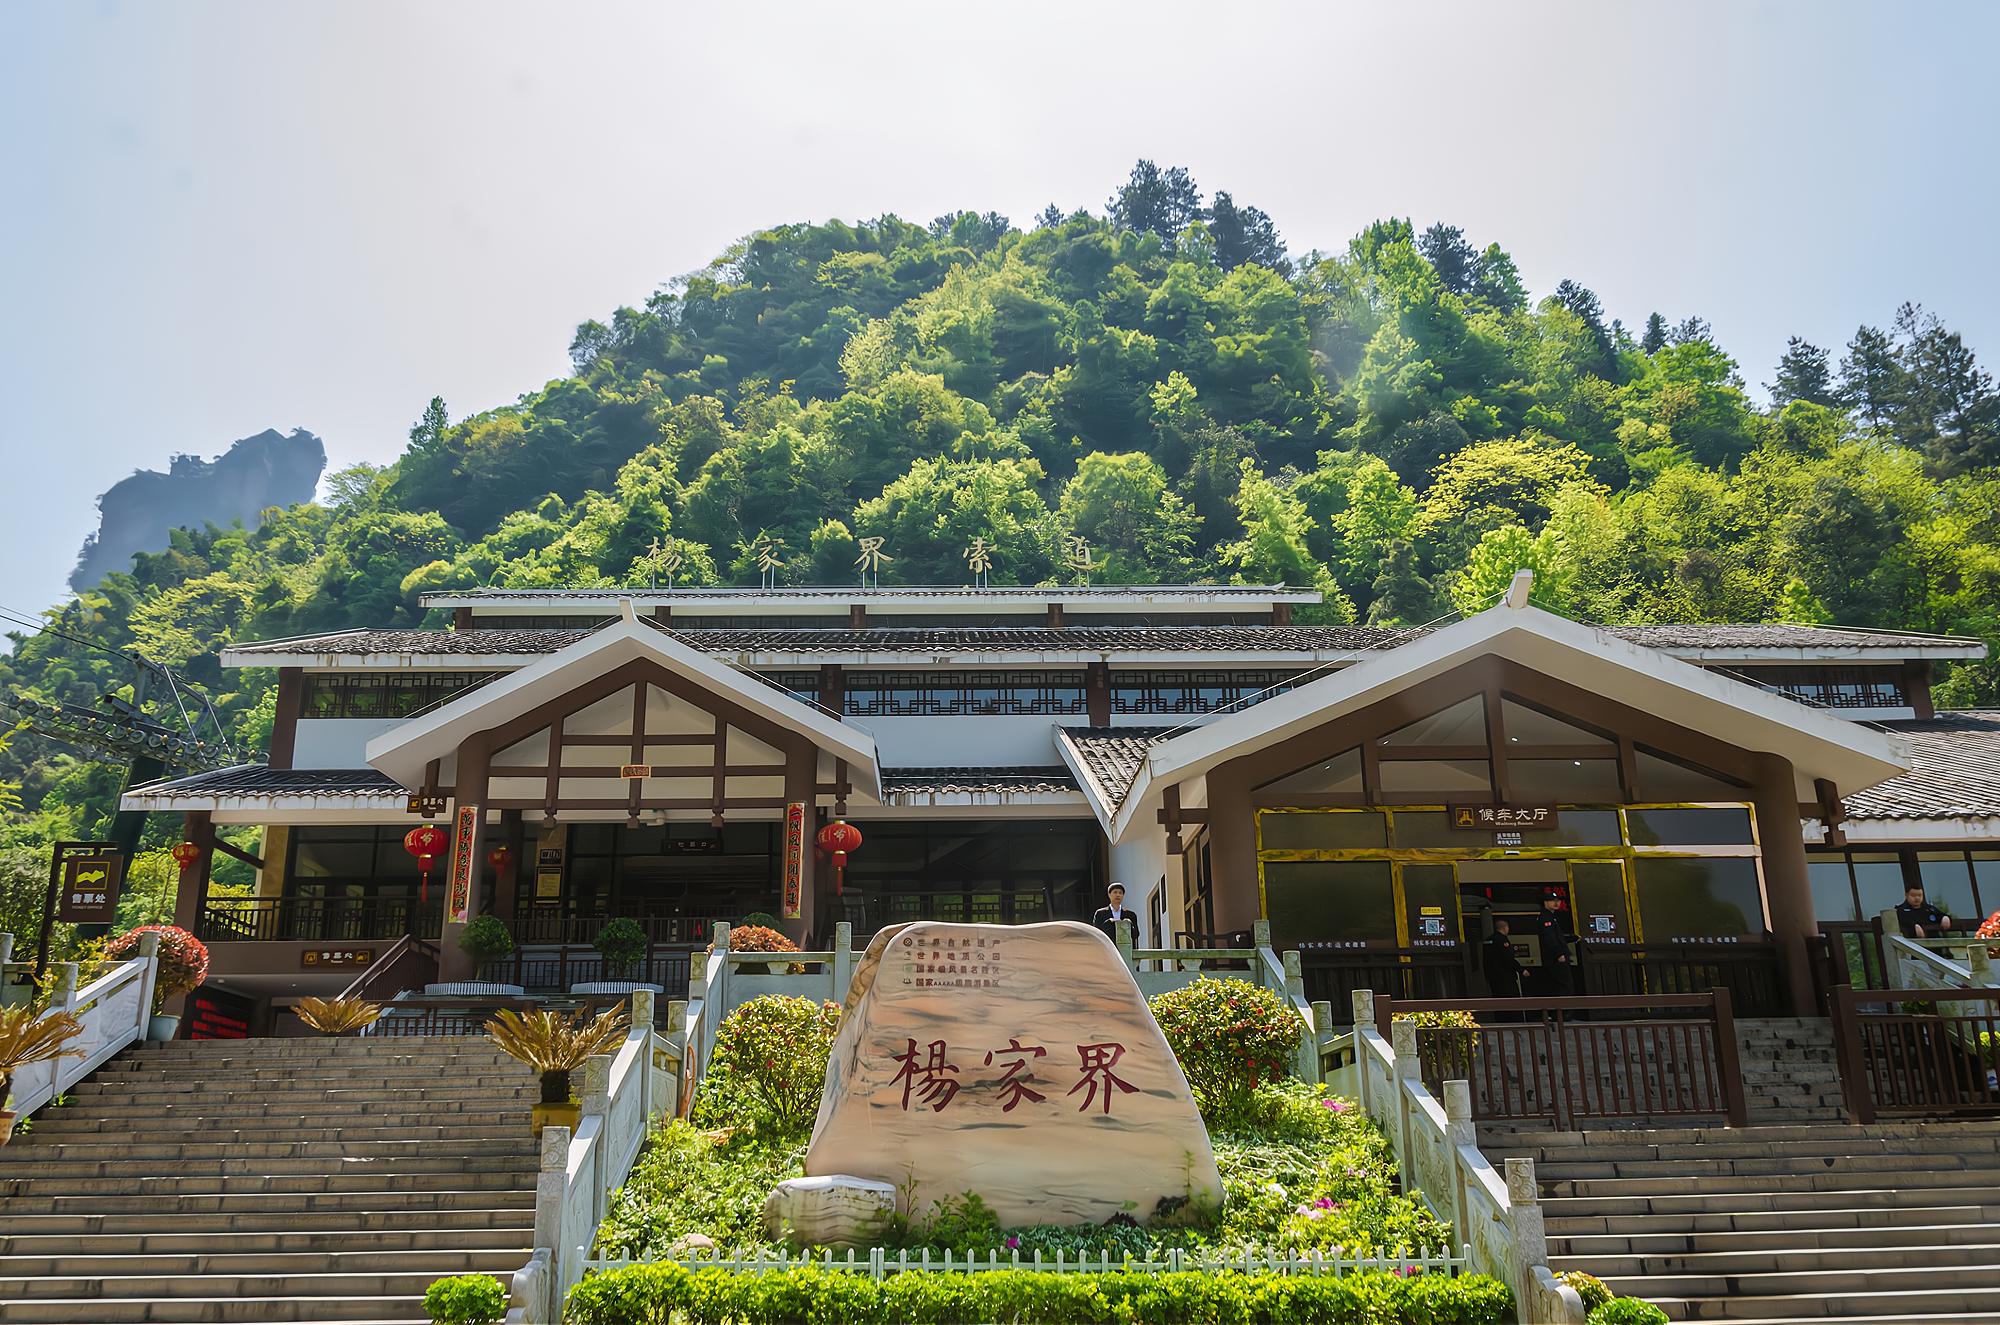 湖南杨家界,神奇的世界自然遗产,原始的自然风光让人流连忘返